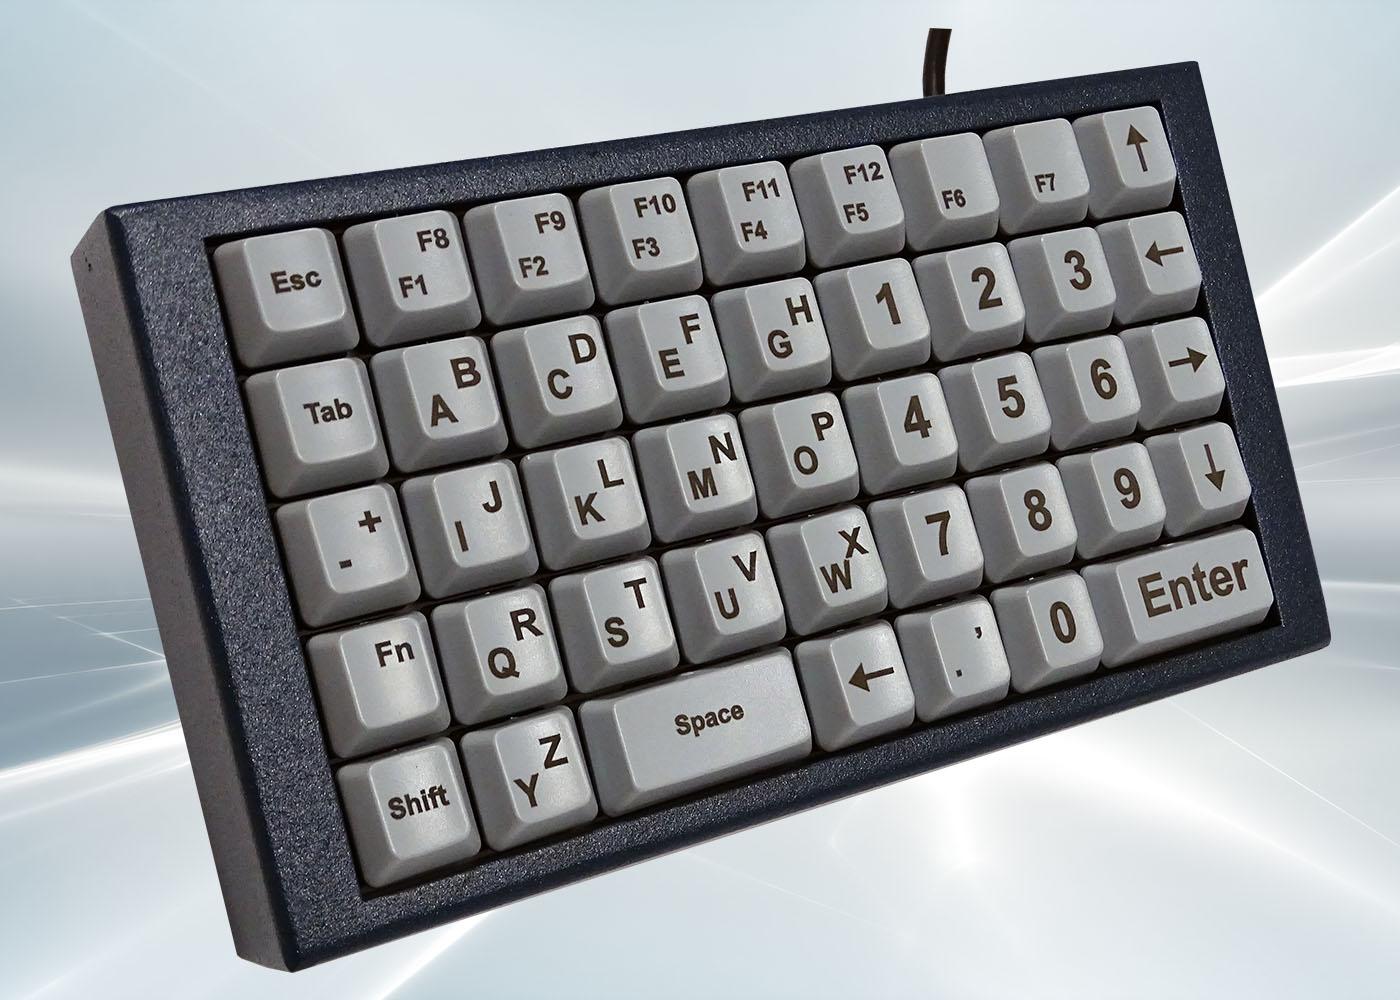 NX518 : clavier industriel compact 43 touches en boitier de table – Détail côté